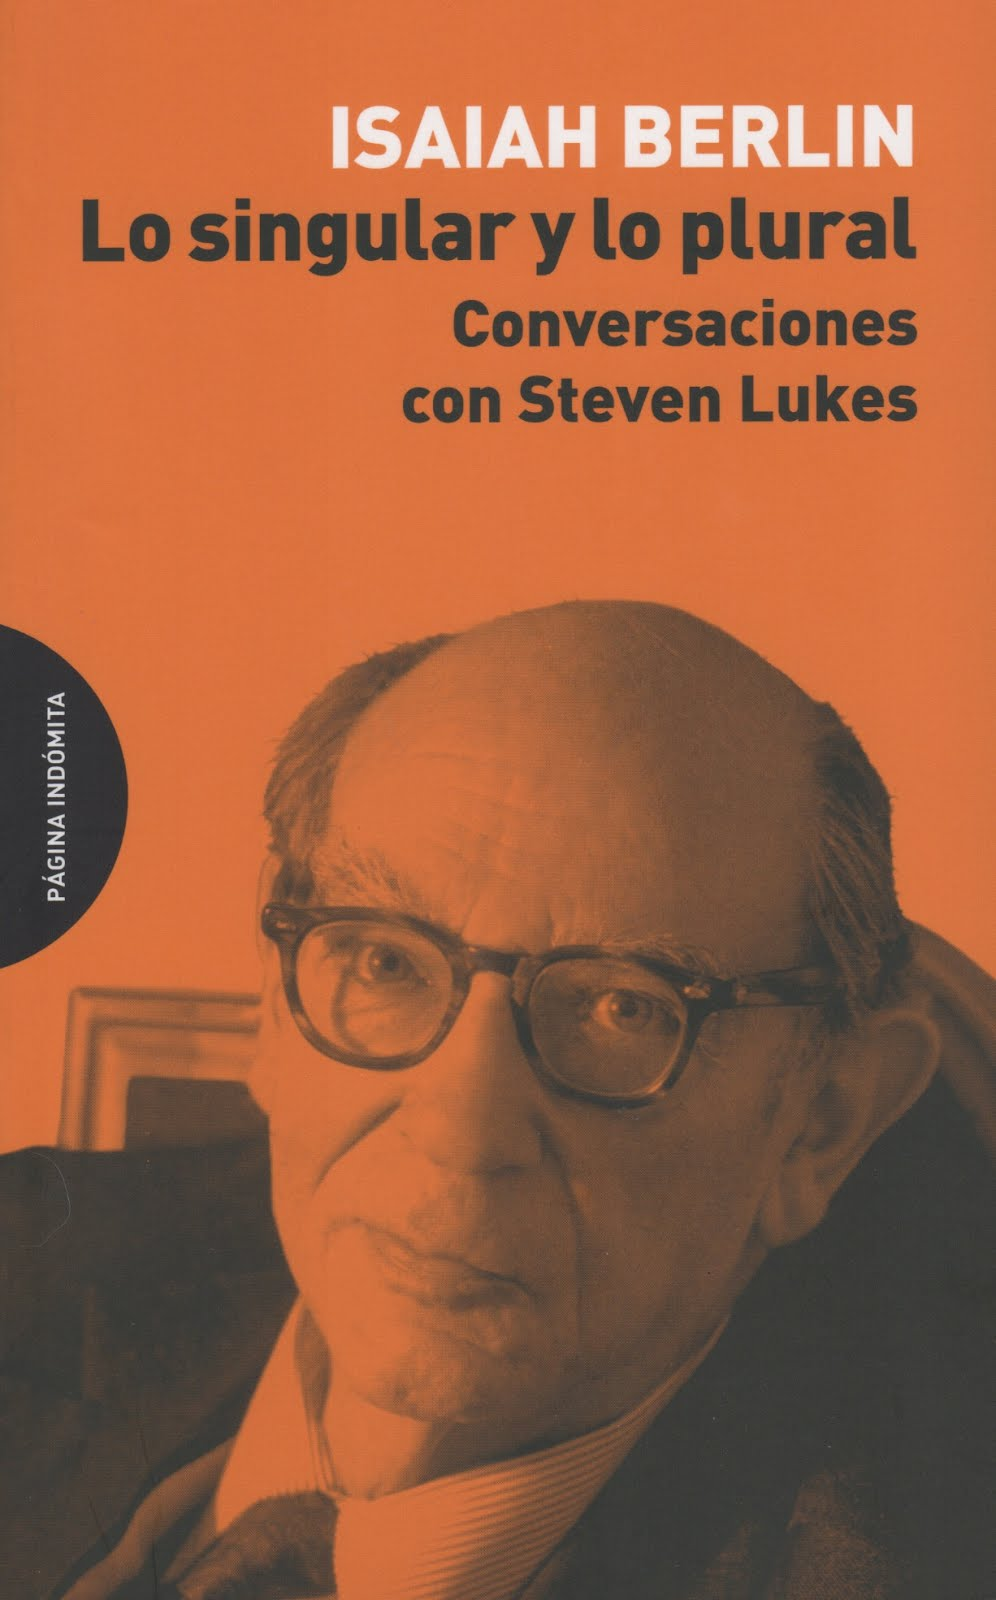 Isaiah Berlin (Lo singular y lo plural) Conversaciones con Steven Lukes